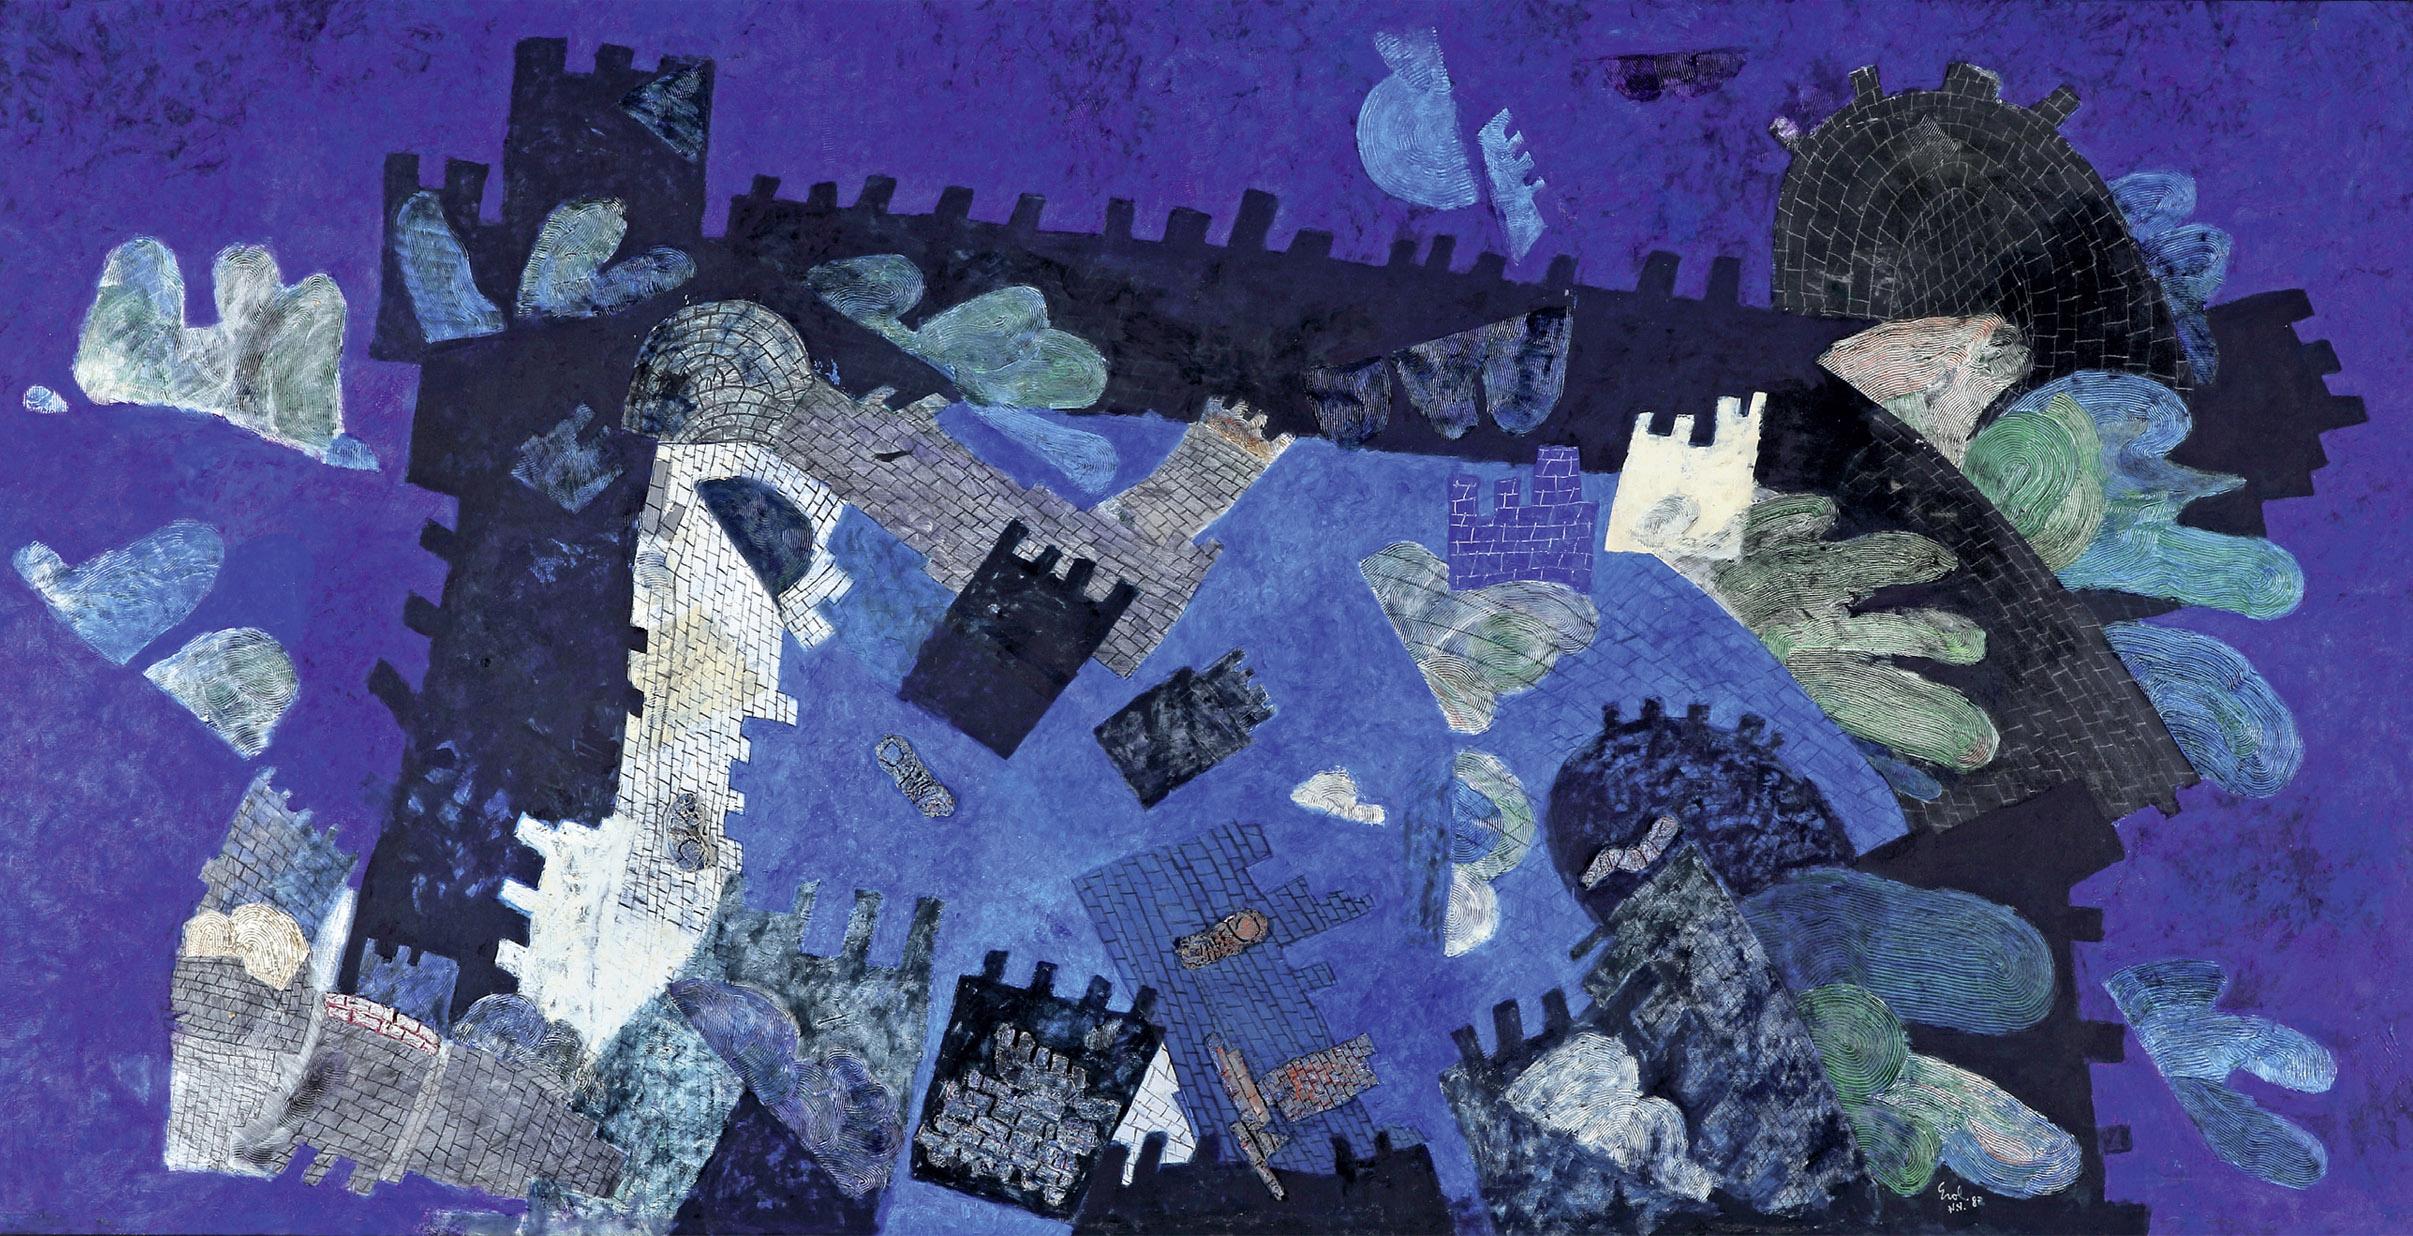 """Resim 36- Erol Akyavaş, """"Fallen City (Düşük Şehir)"""", 1982, tuval üzerine karışık teknik, 137x264 cm., (Pınar Erta. Koleksiyonu)."""